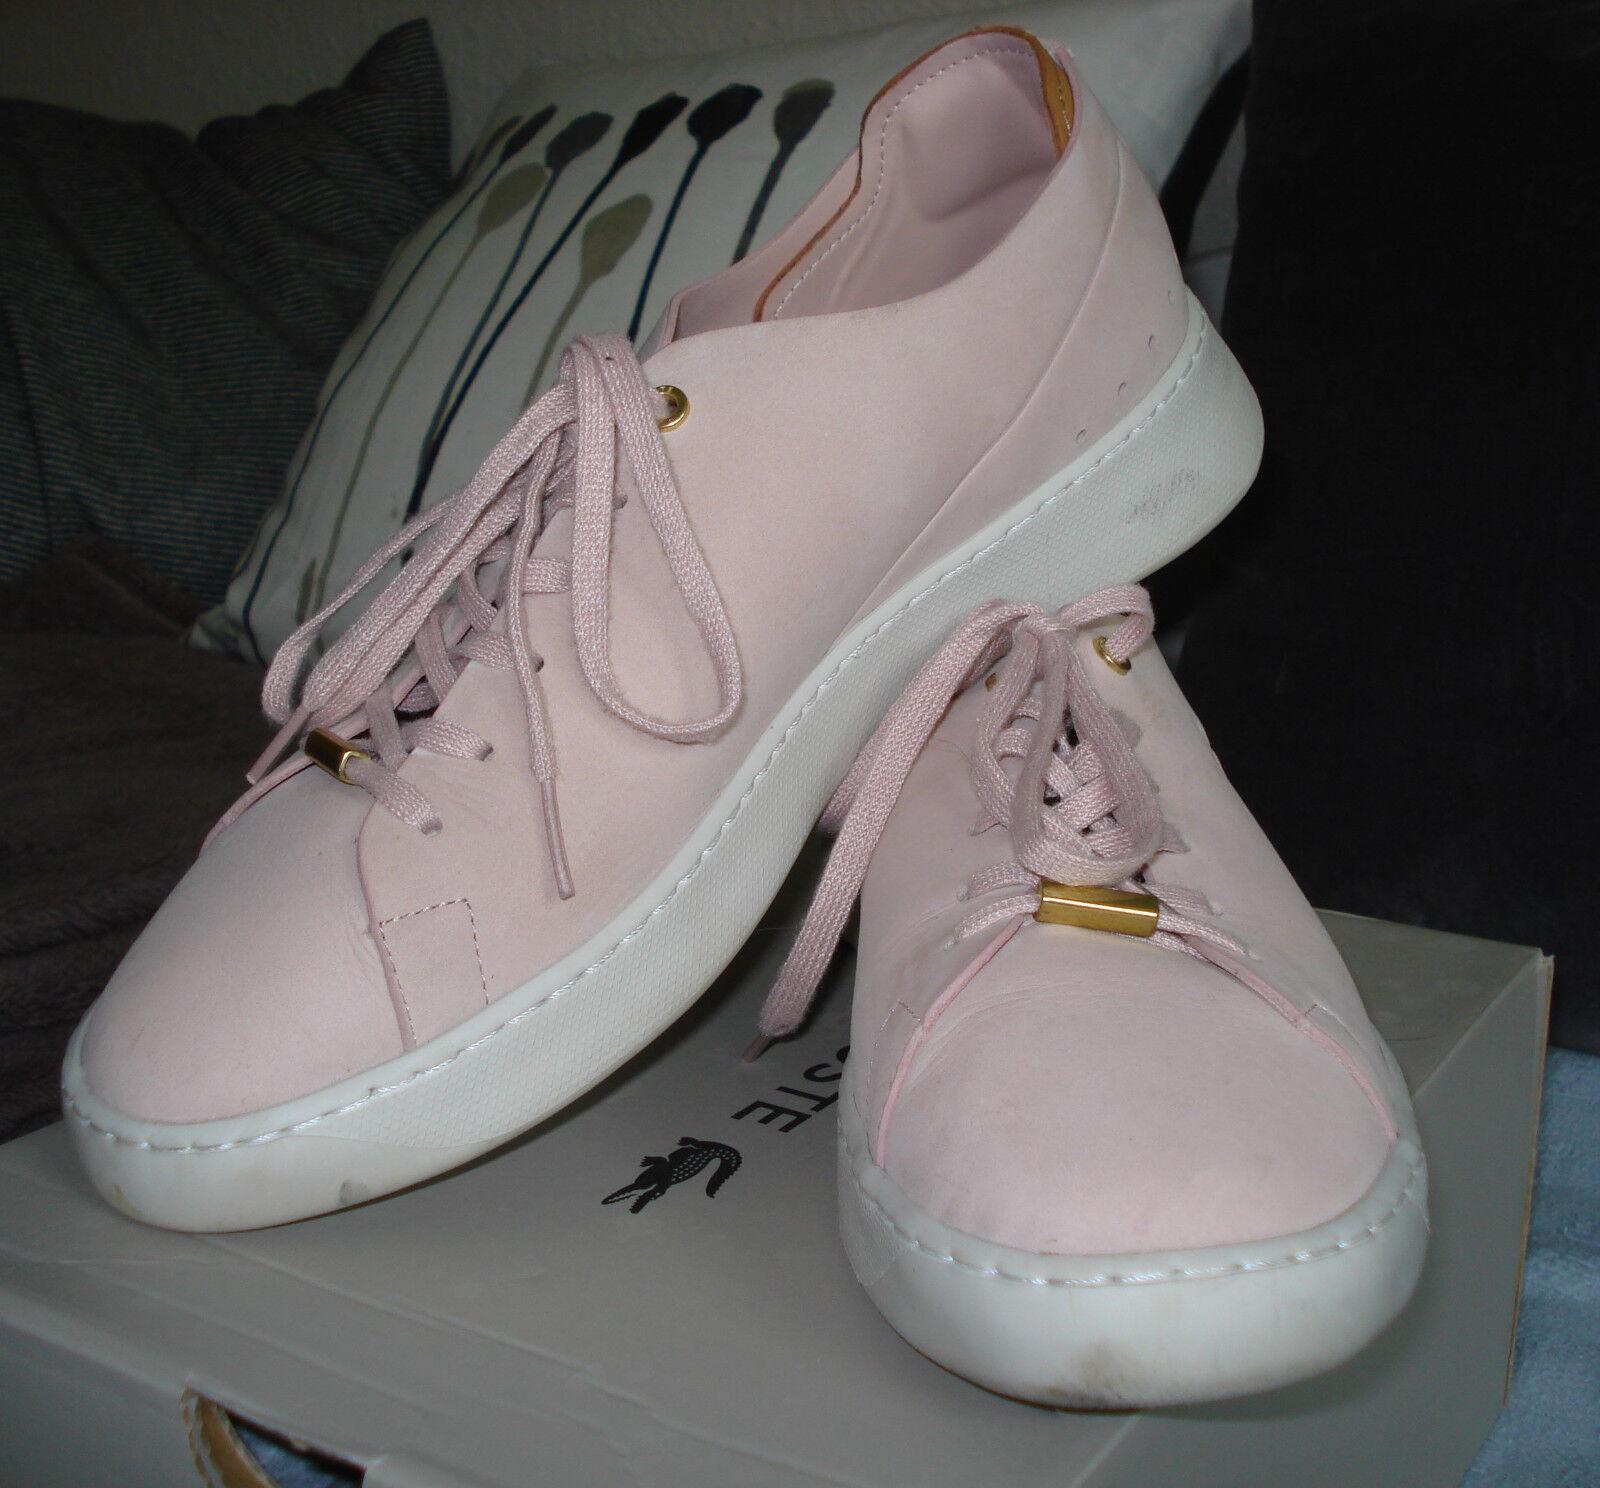 Lacoste Schuhe top Eyyla, rosa, top Schuhe Zustand dd3088